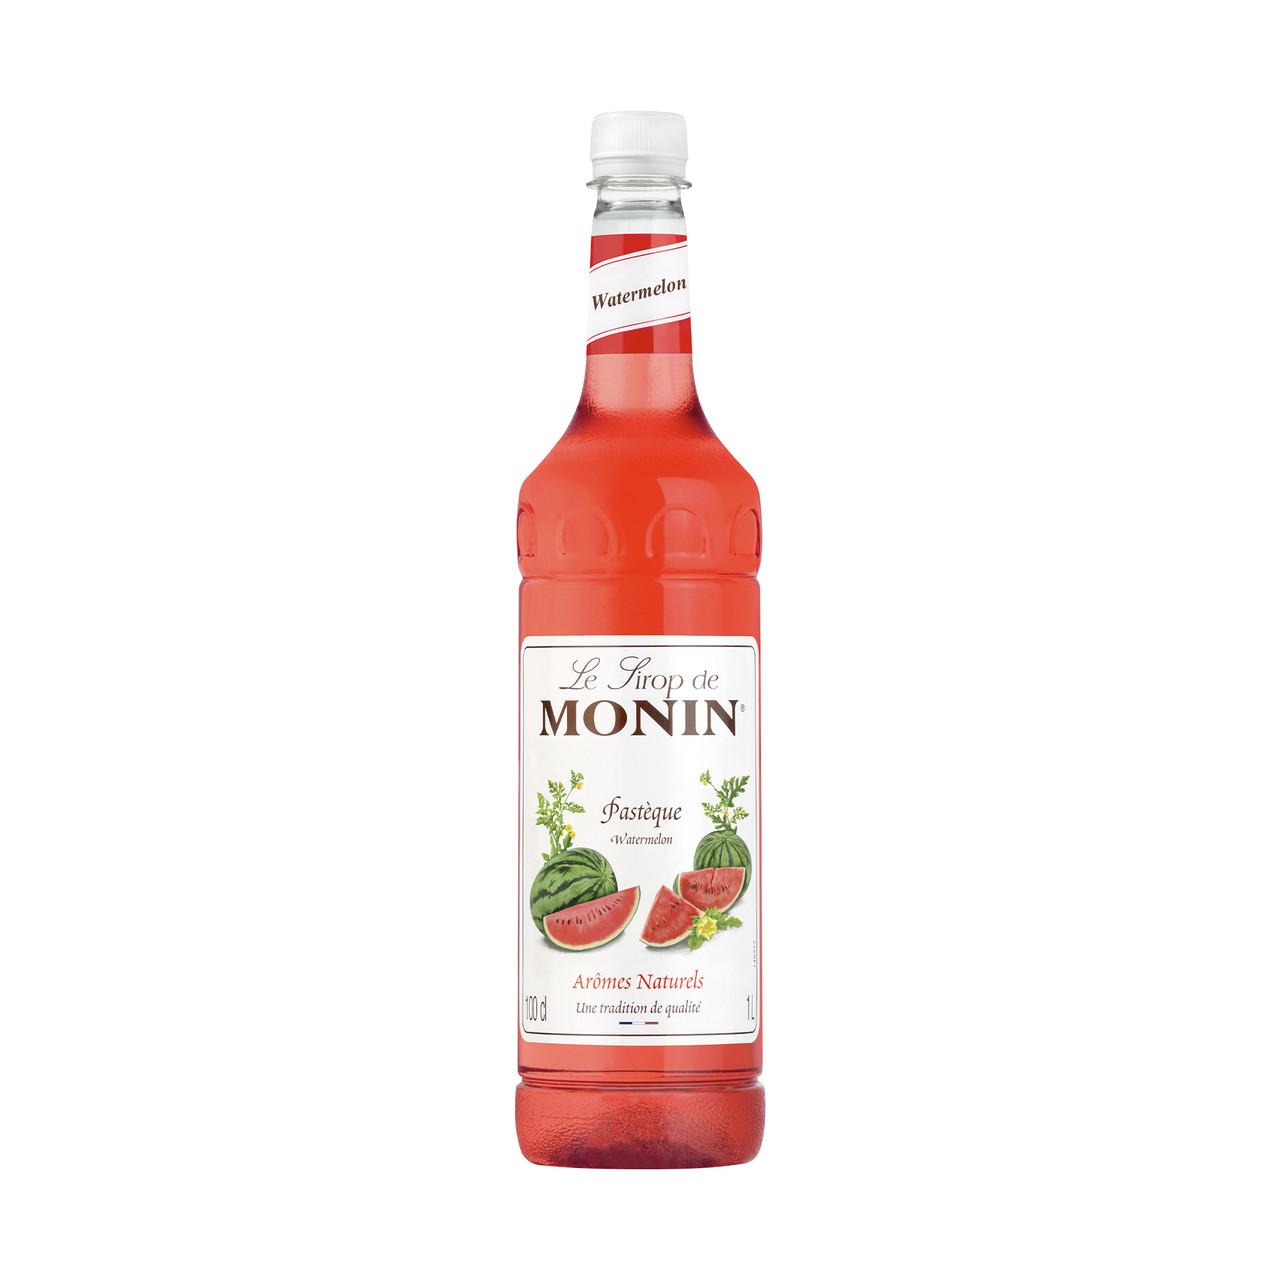 Сироп Monin зі смаком Кавун 1 л